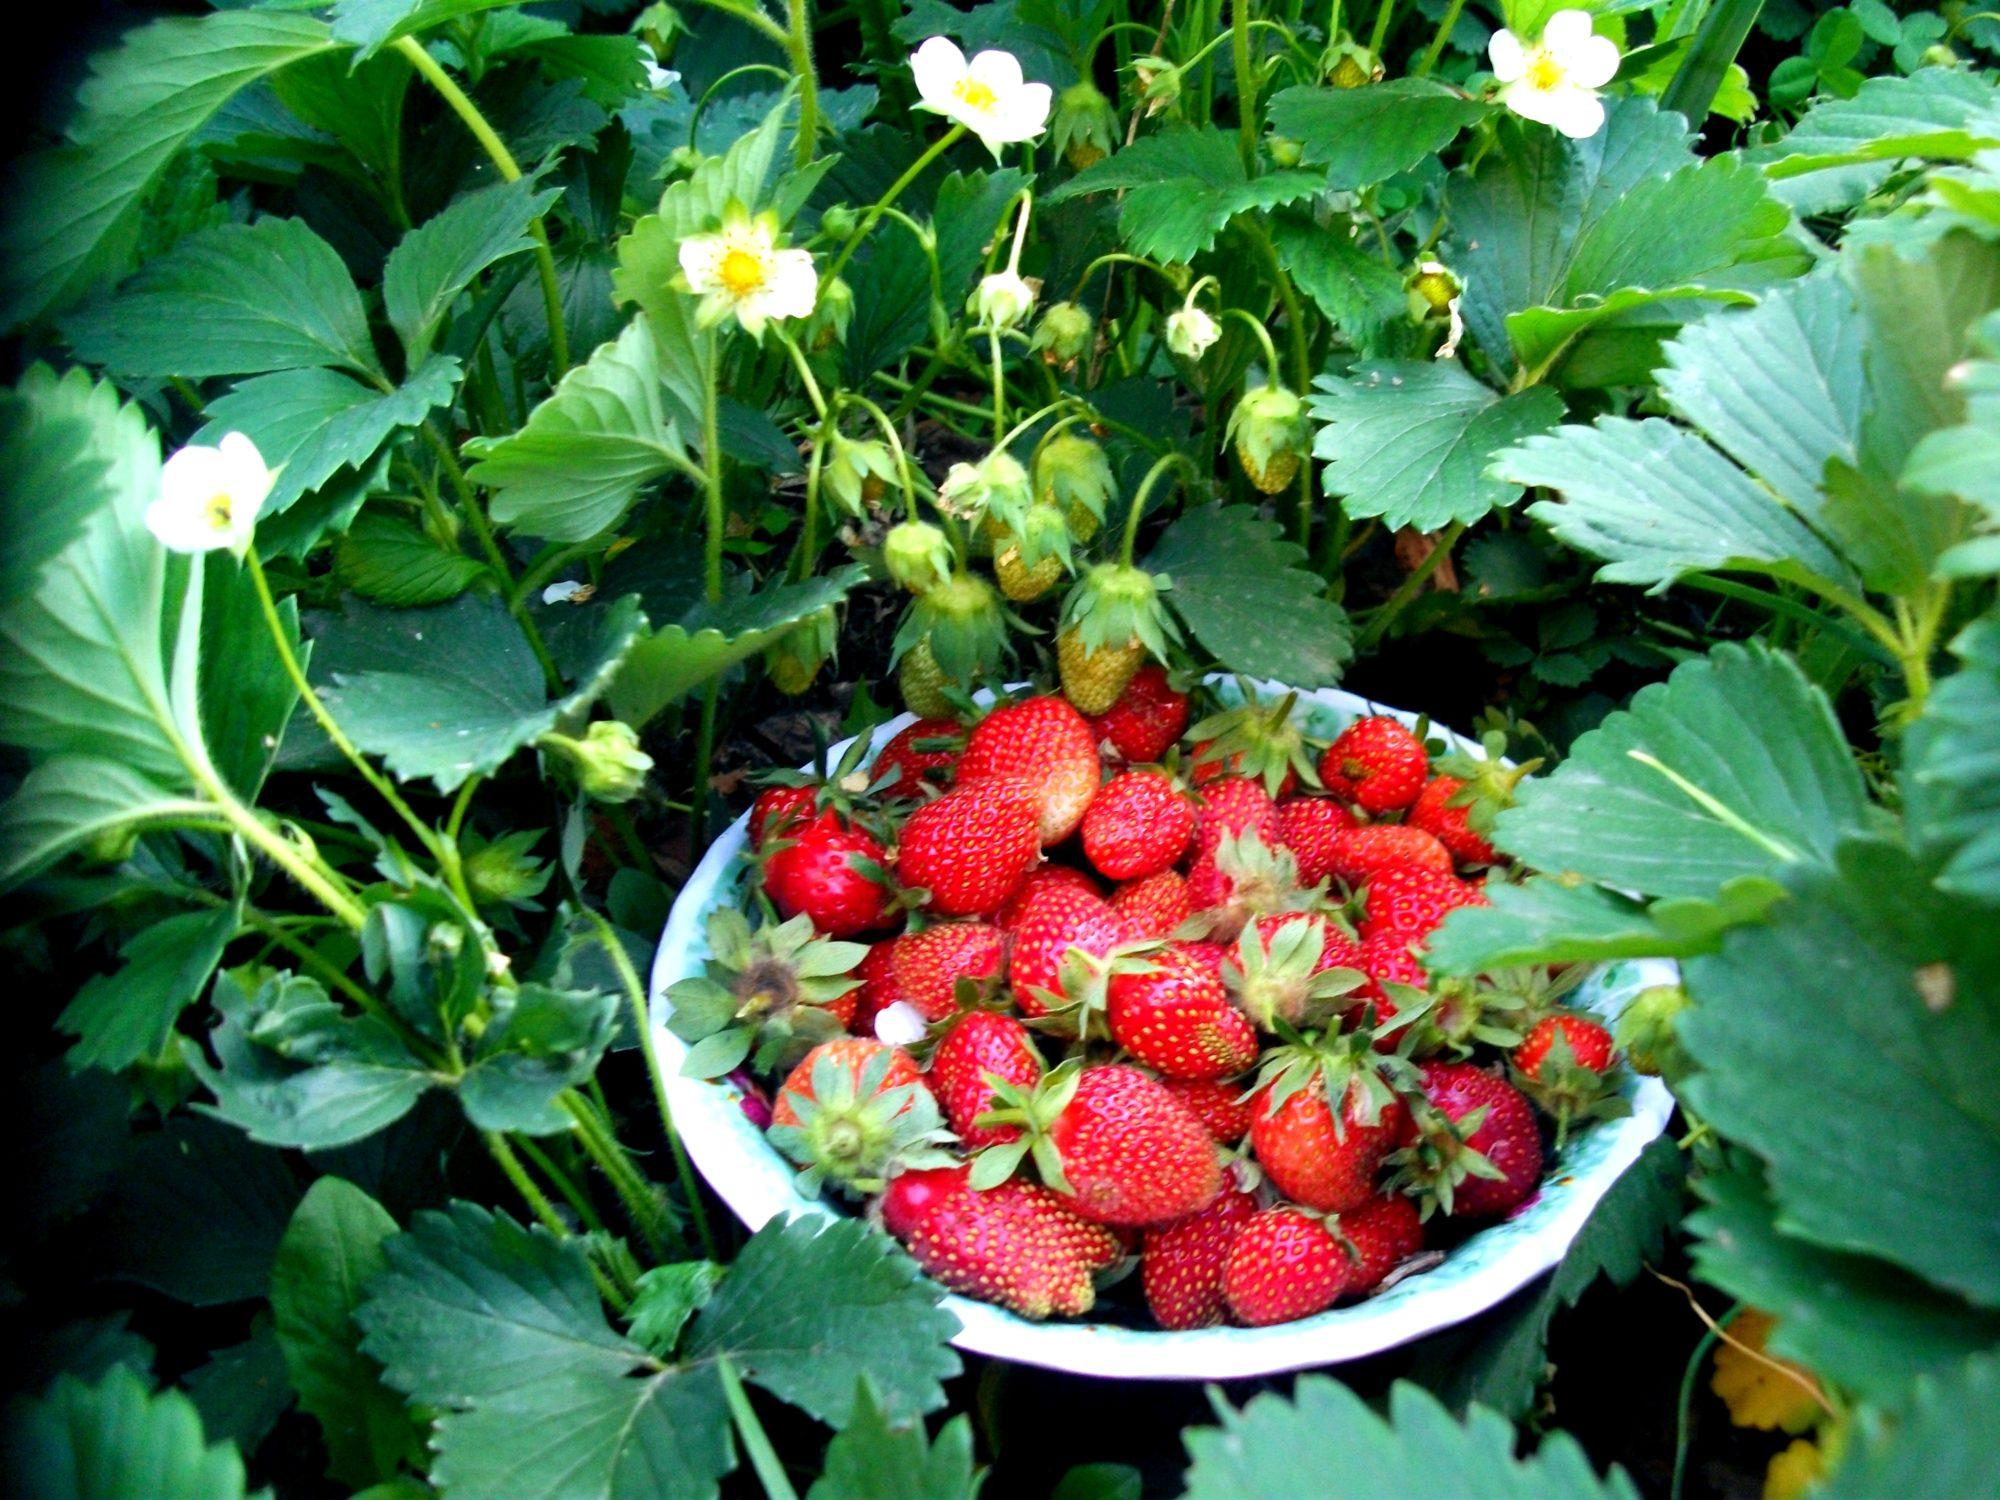 Многие сорта земляники способны цвести и плодоносить весь сезон